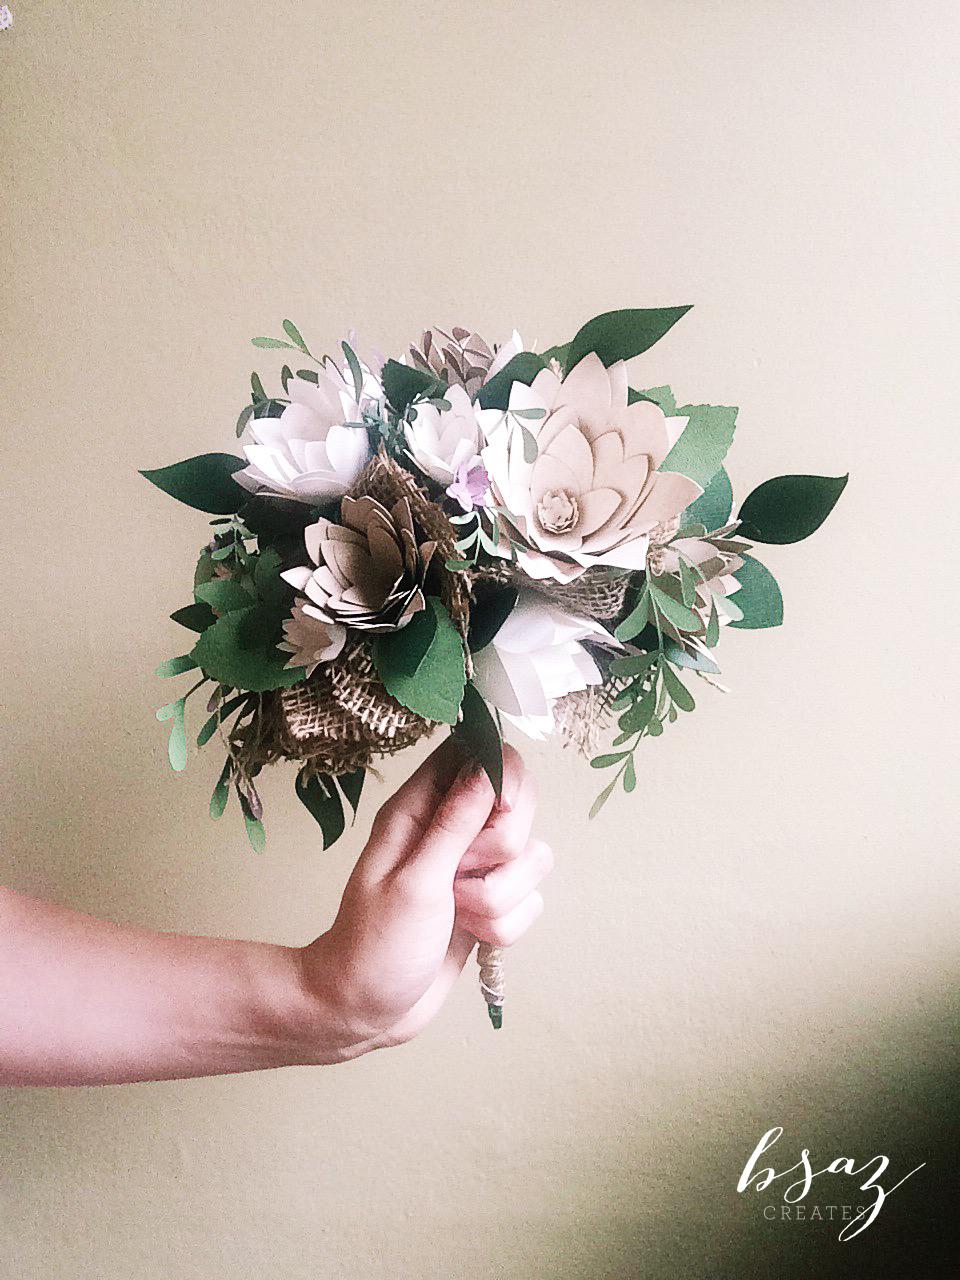 BSaz Creates Paper Floral Wedding Bouquet